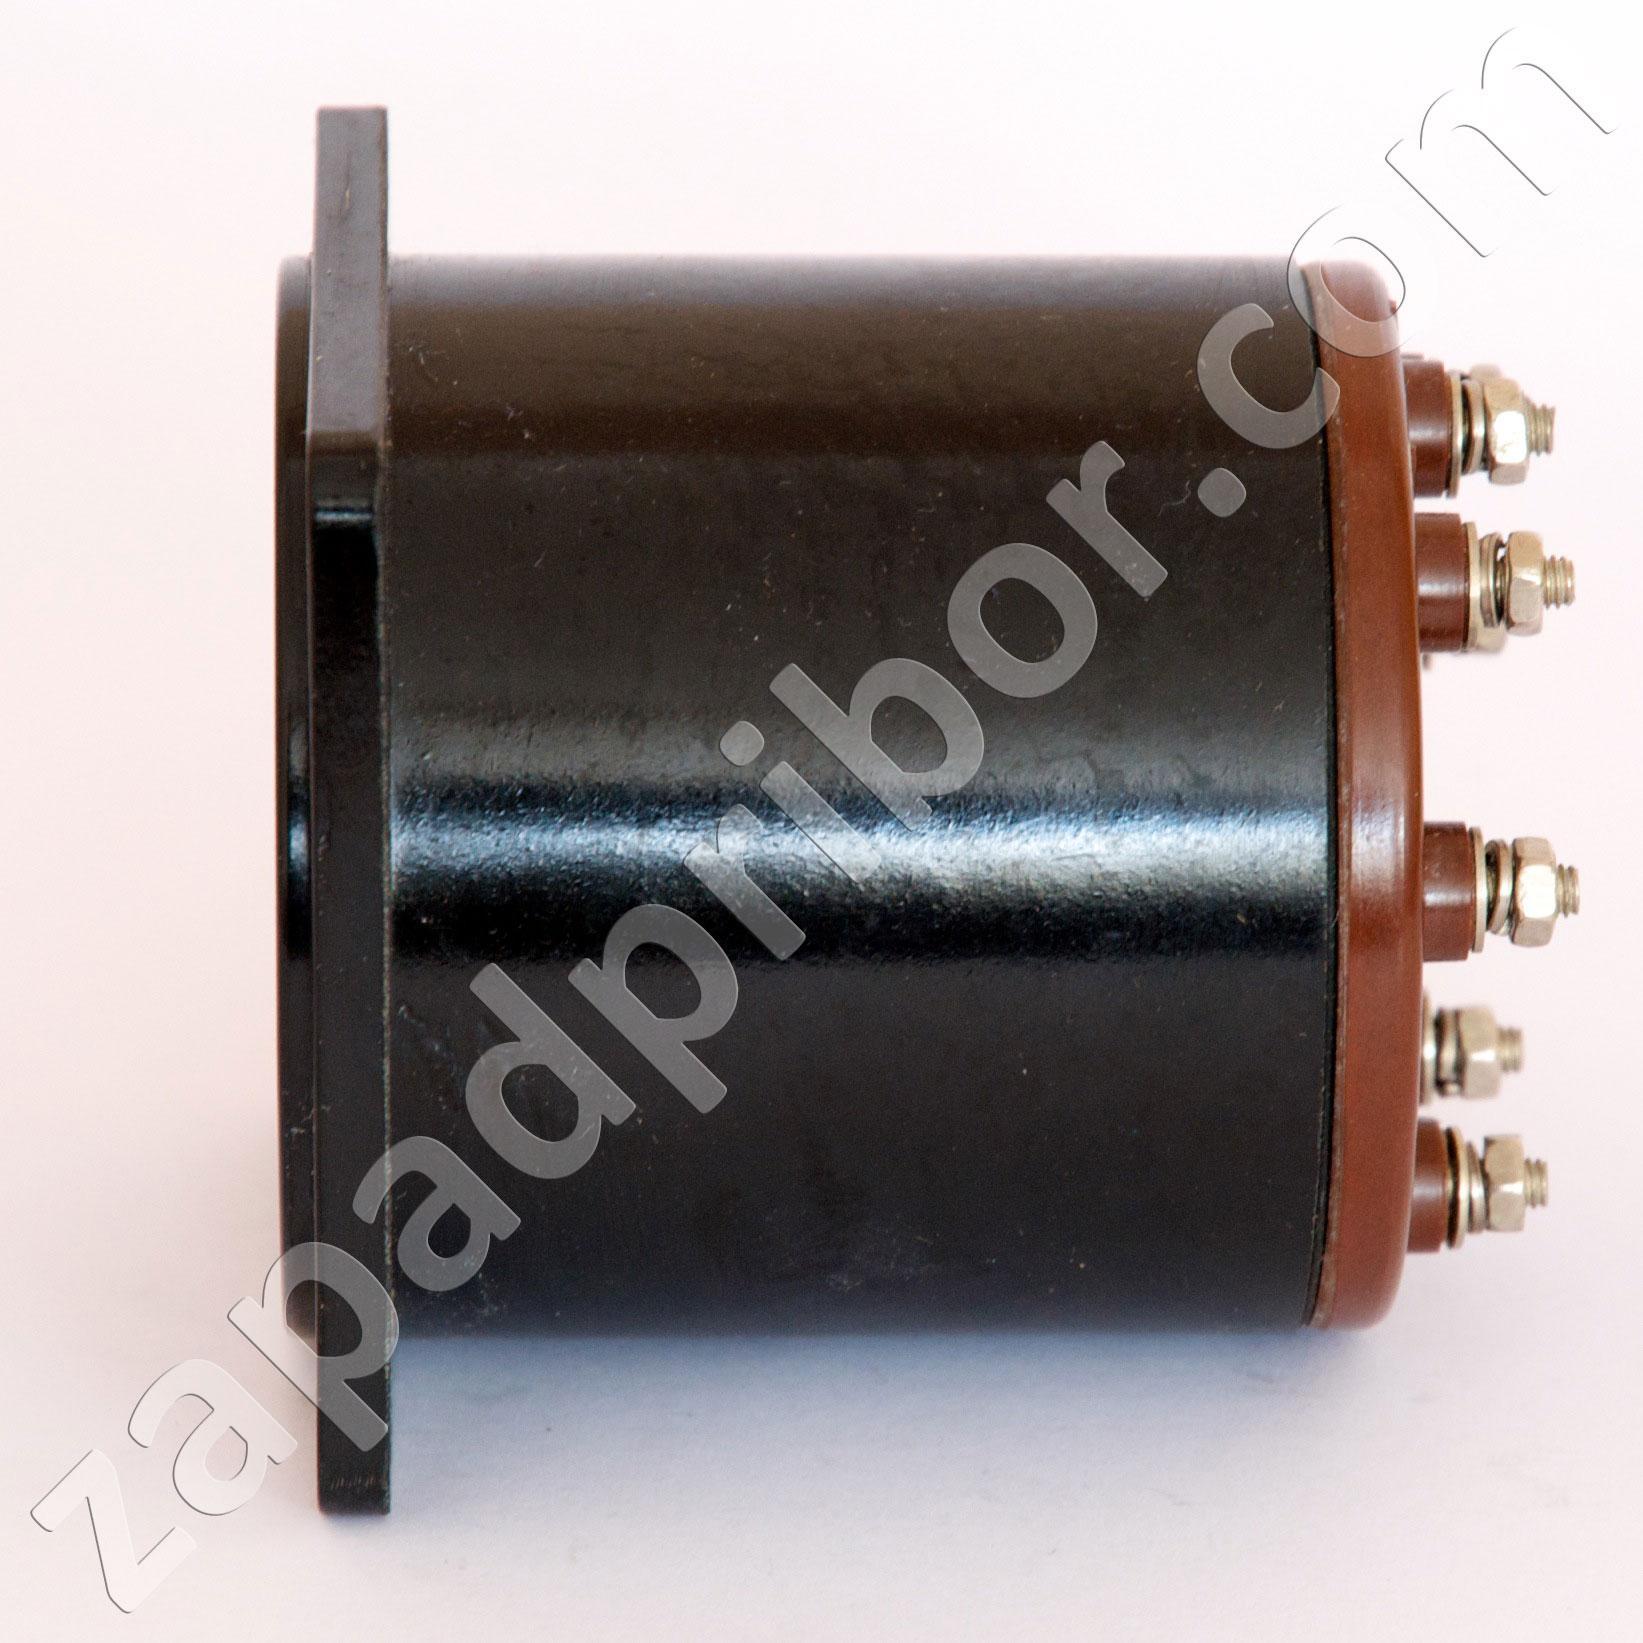 инструкция схема подключения щитовых ваттметров д335